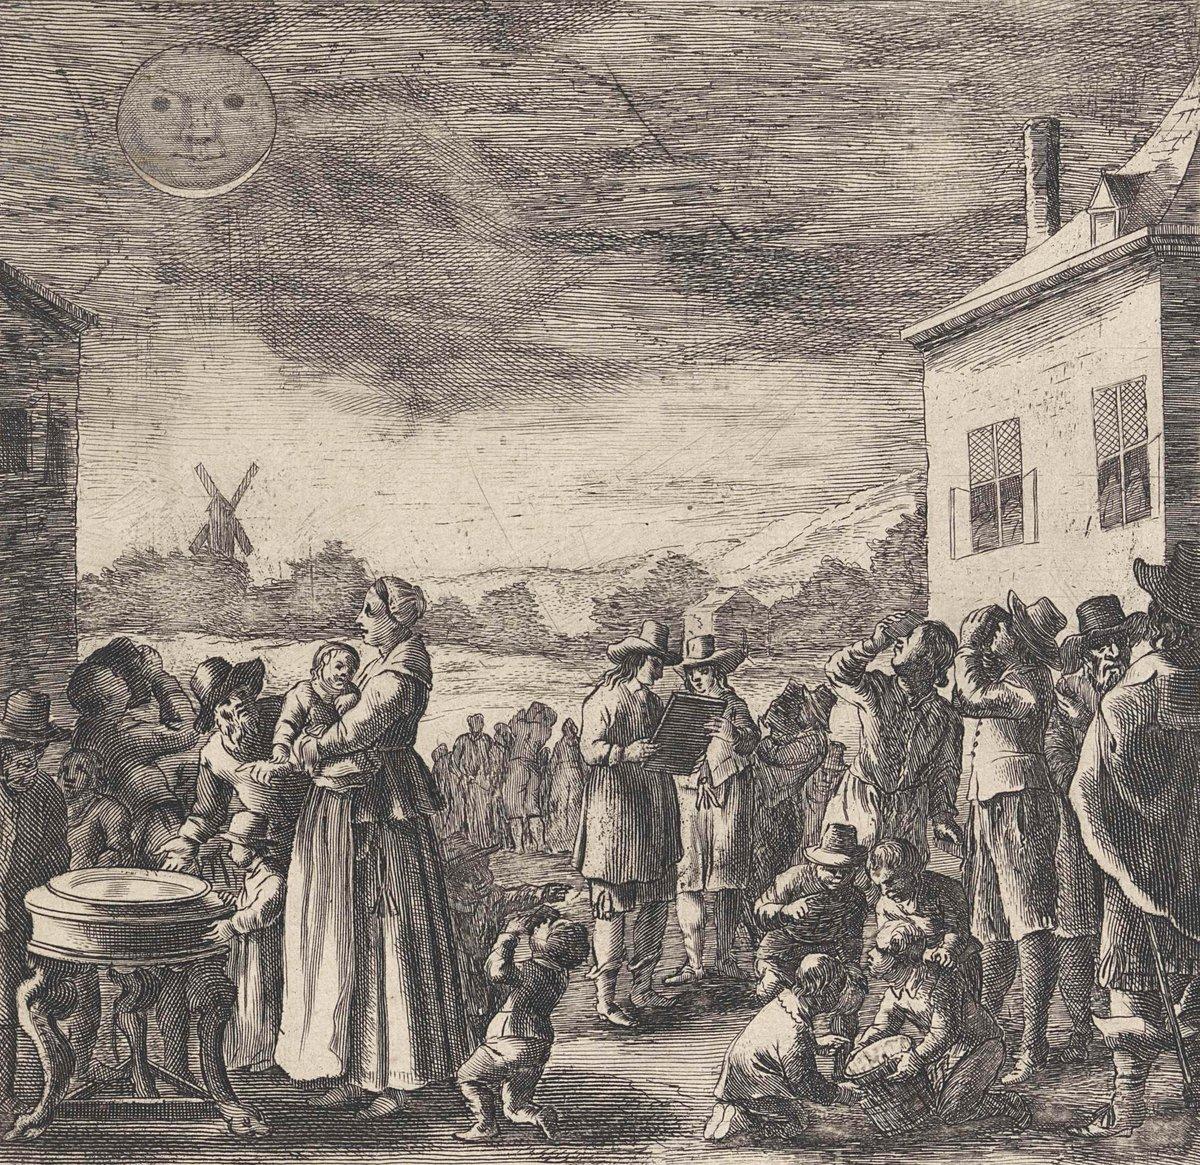 De #zonsverduistering van 12 augustus 1654 http://t.co/VniQyGyTwS http://t.co/eGOrDuhTrm